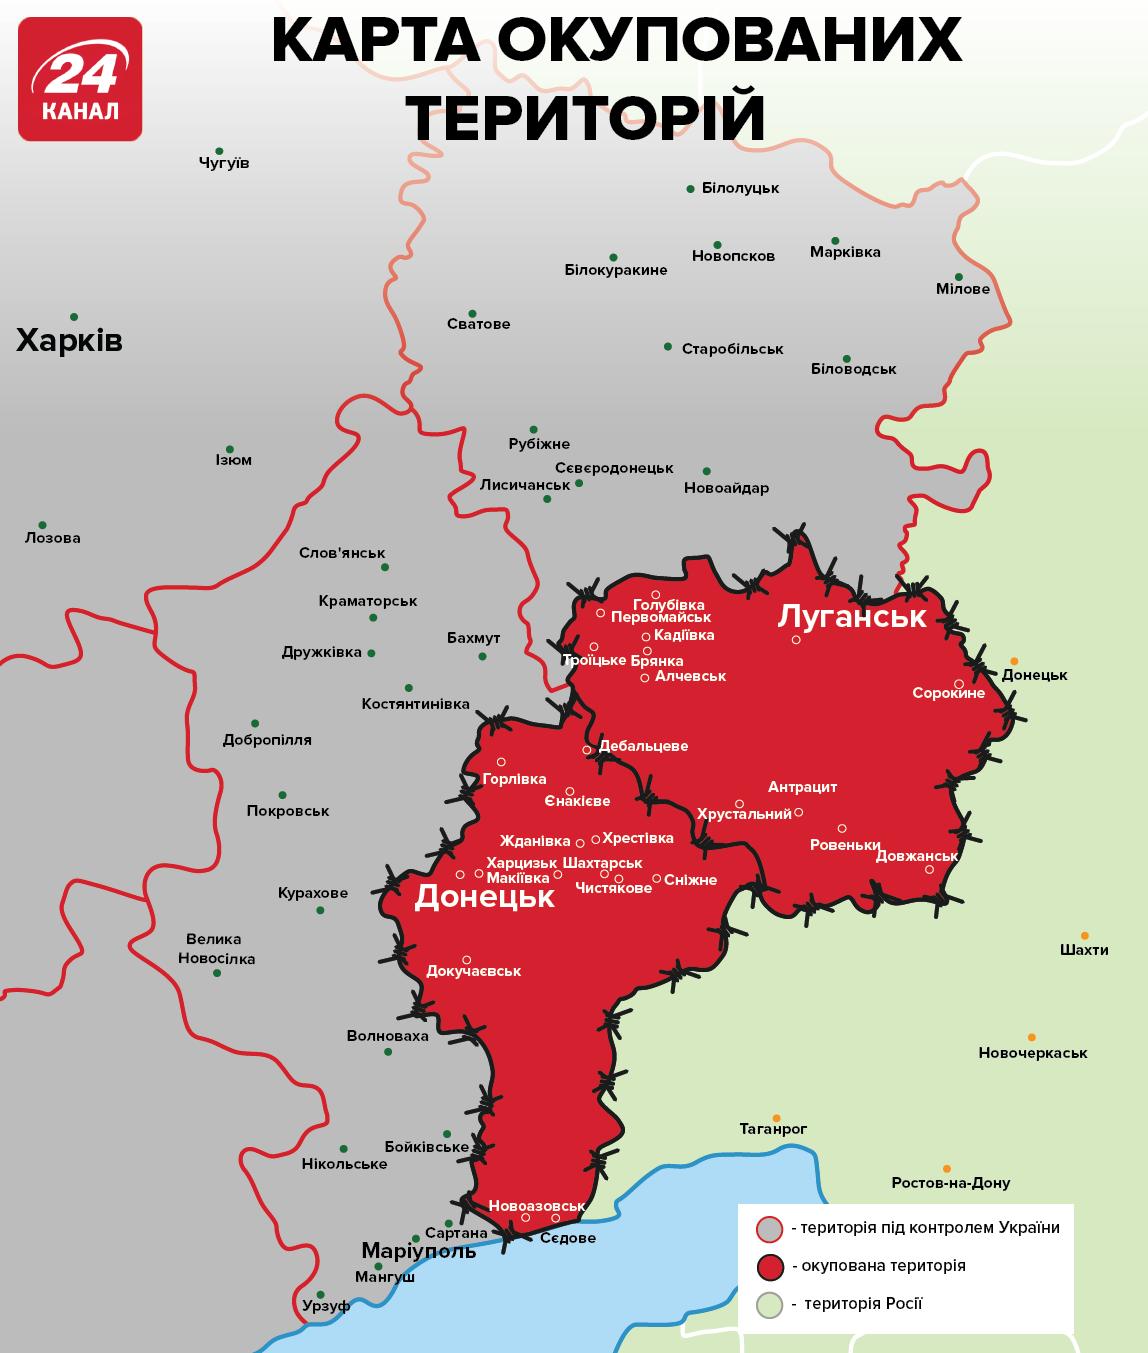 Карта окупованих териорій Донецької та Луганської областей